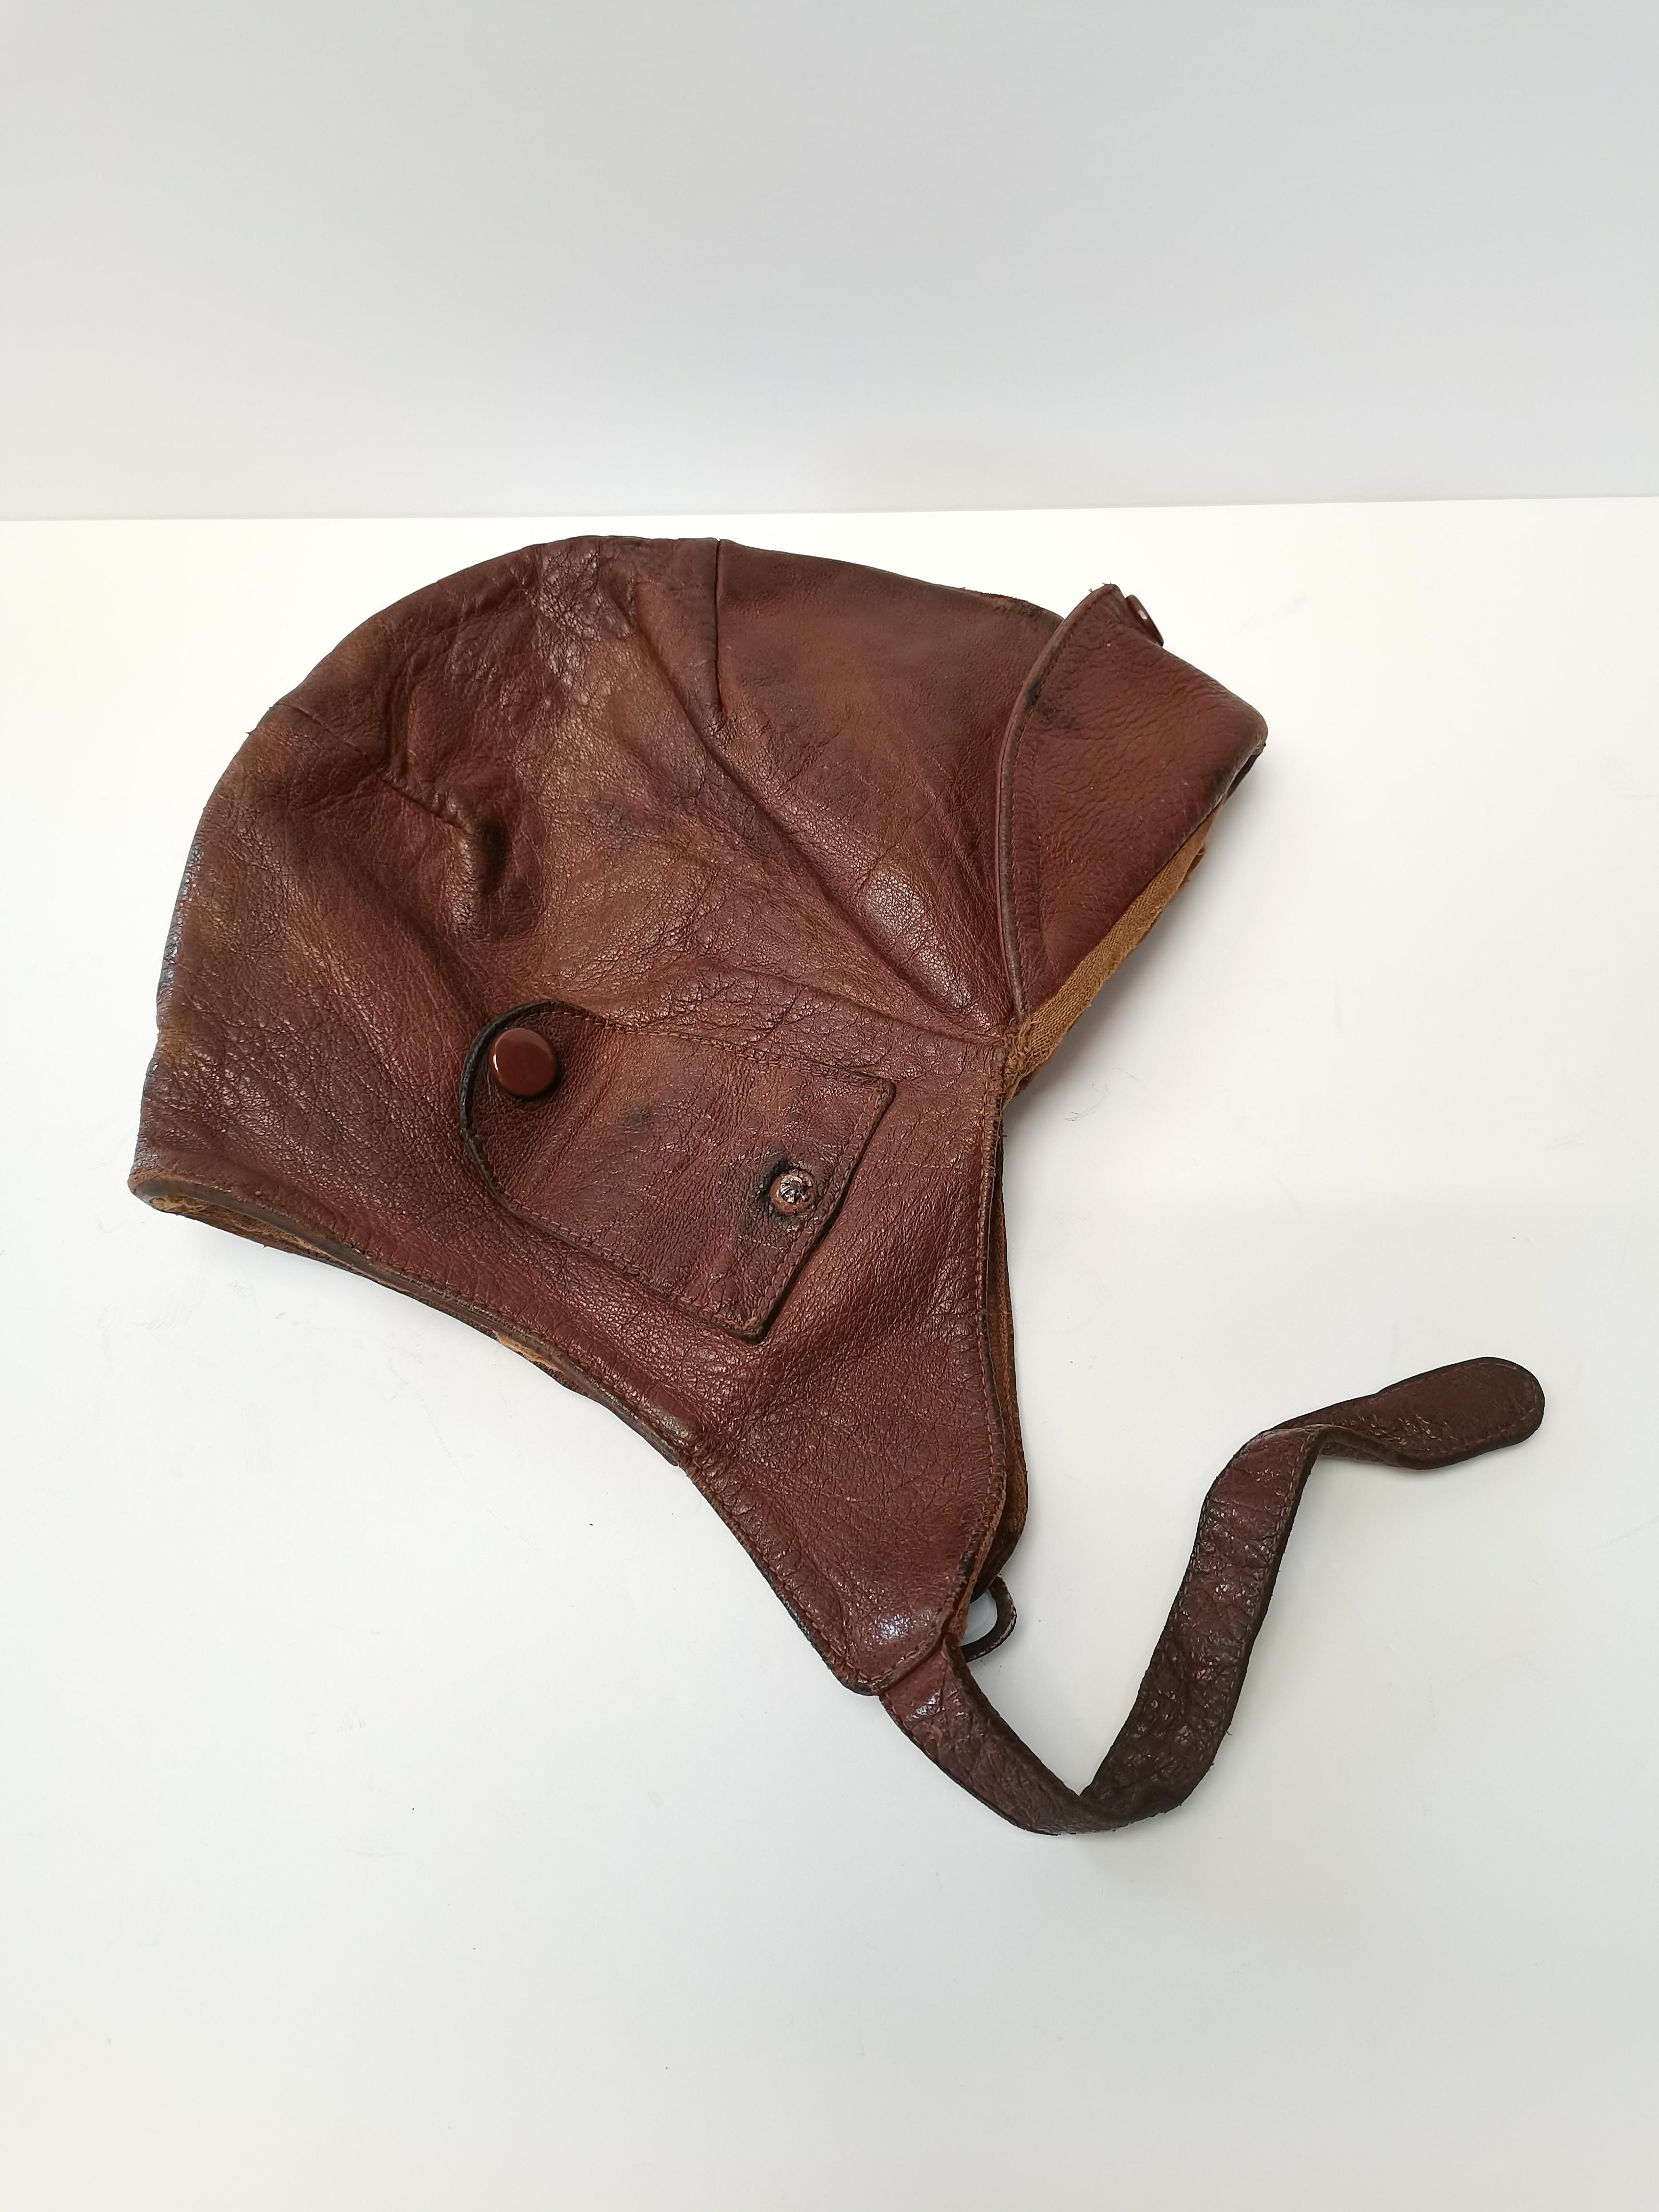 Vintage original flying helmet - Image 2 of 3